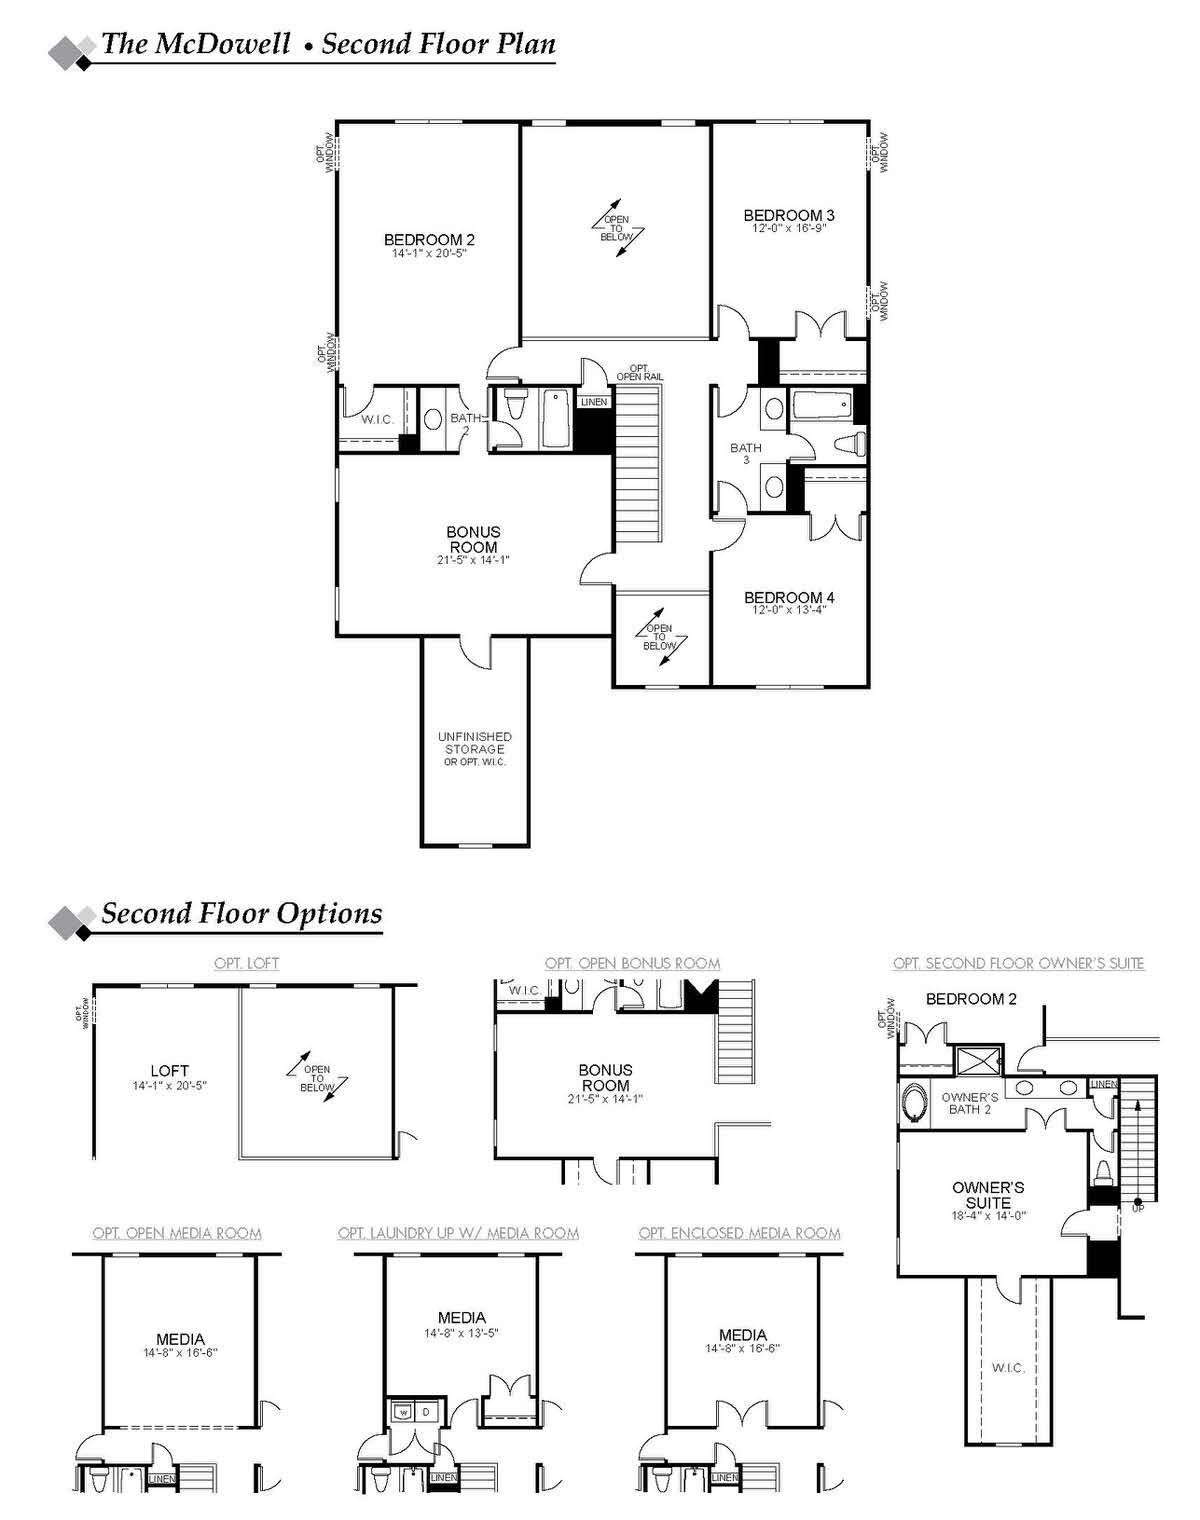 McDowell Second Floor Image